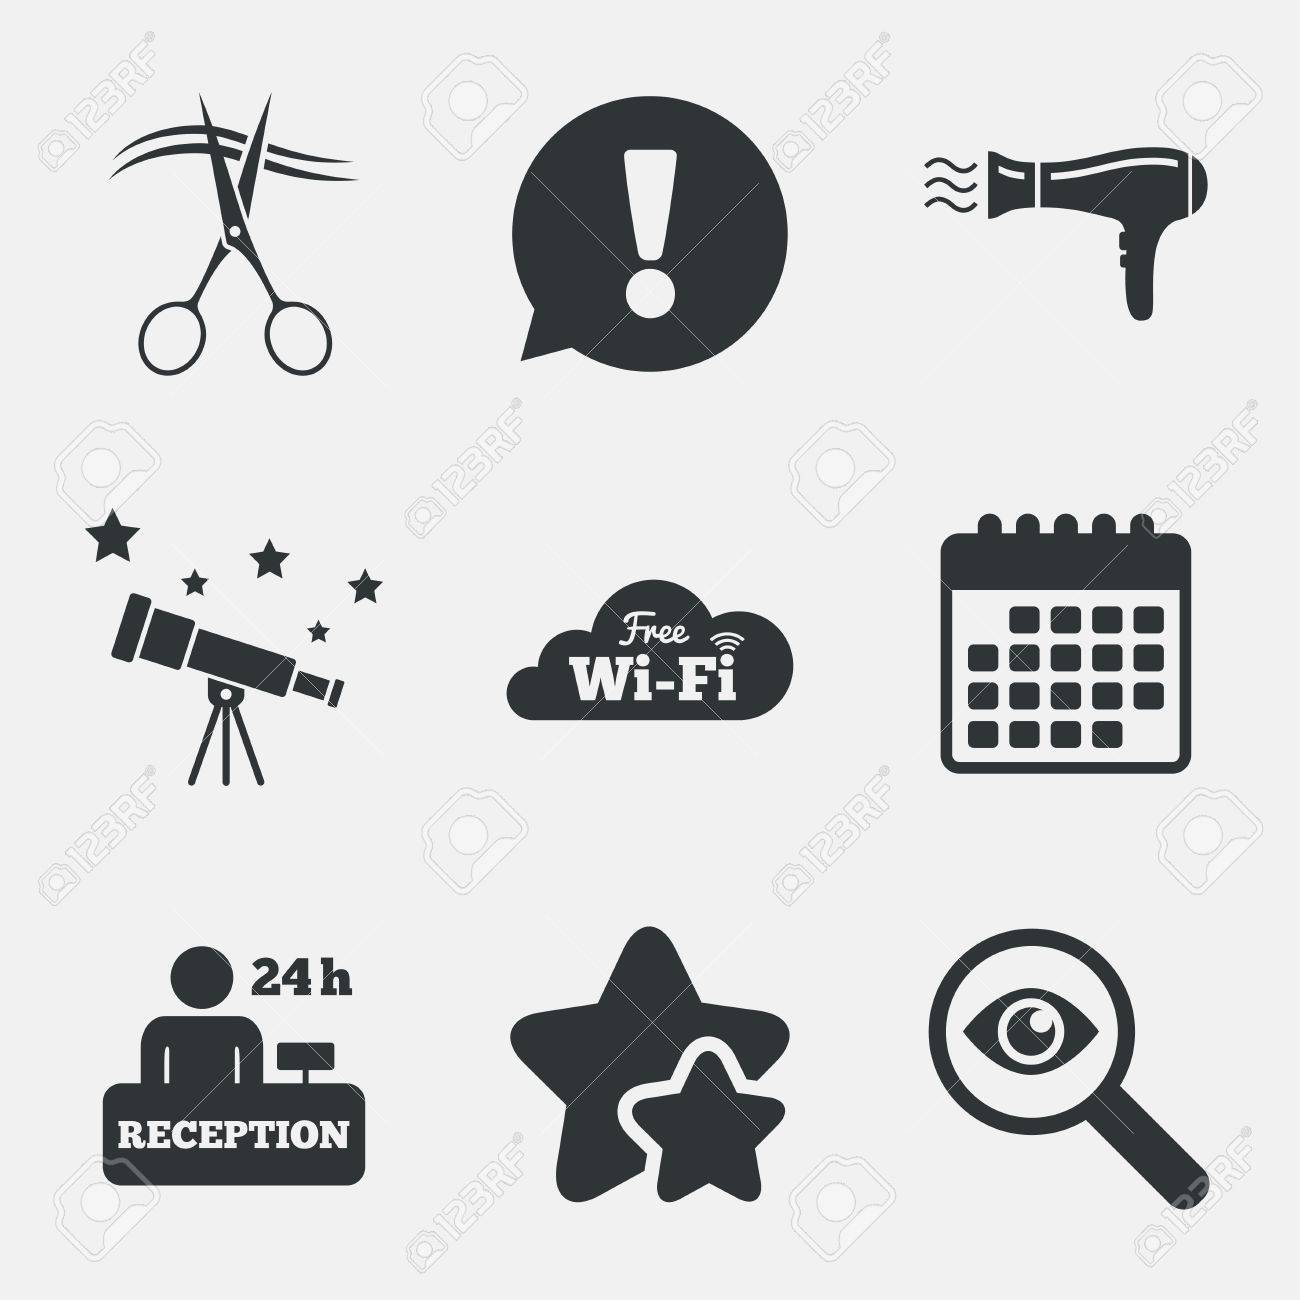 Icônes de services de l'hôtel. Wifi, sèche cheveux dans les signes de la chambre. Réseau sans fil. Coiffeur ou symbole de salon de coiffure. table